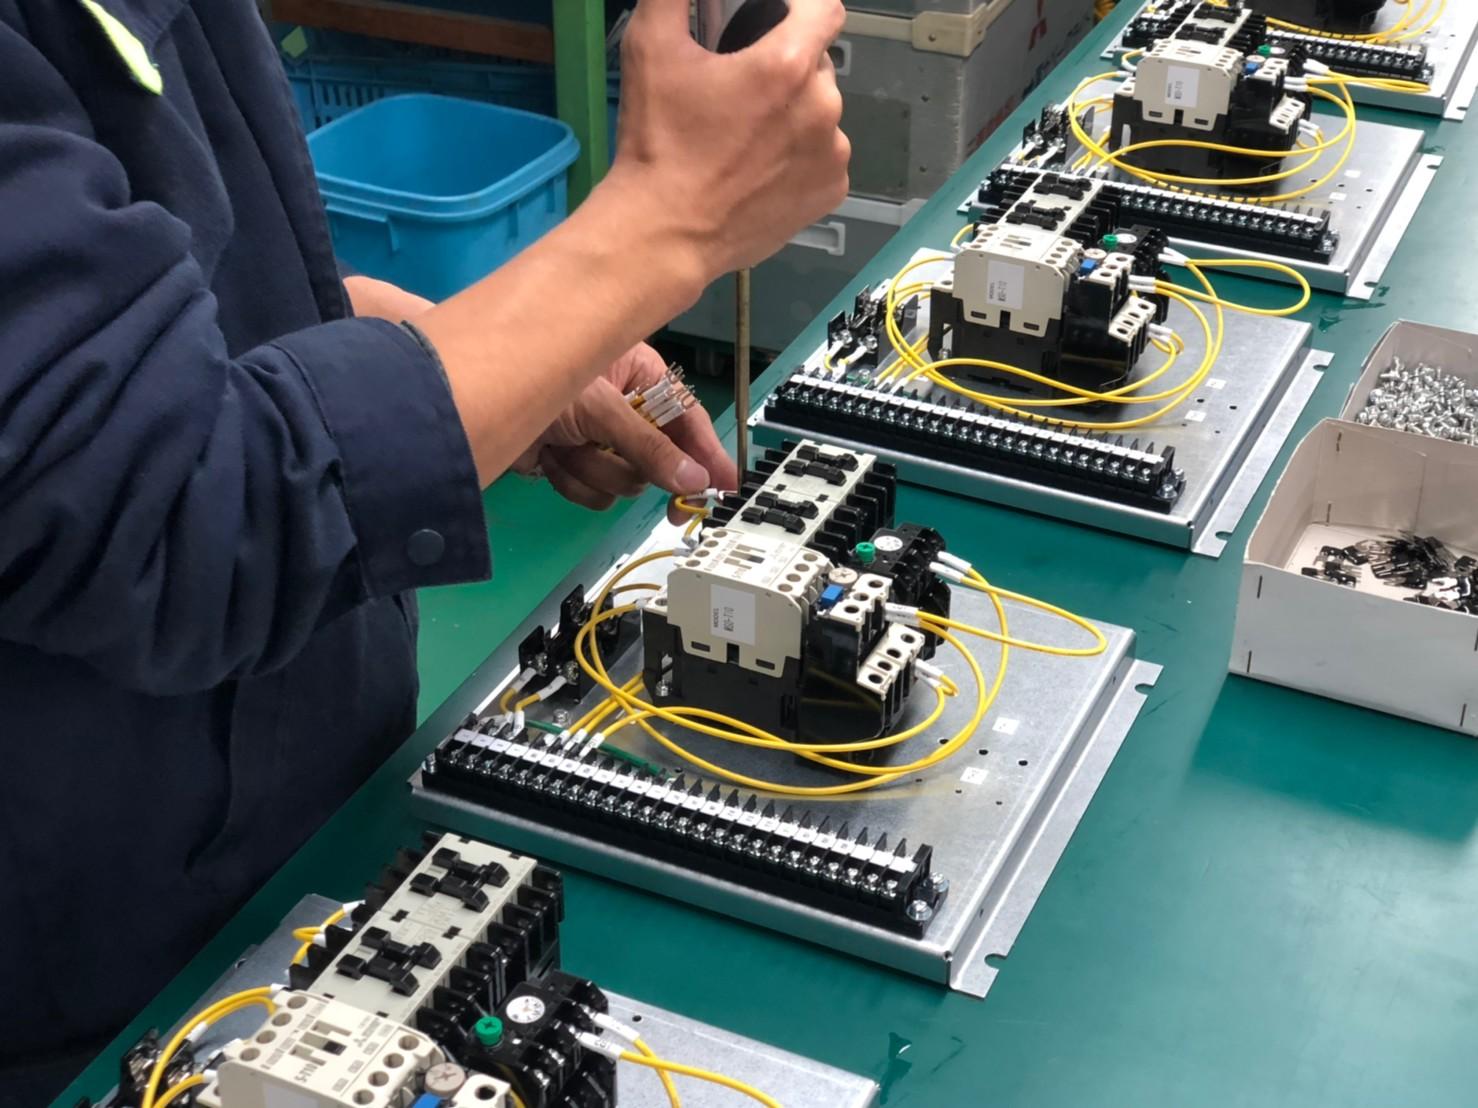 【OEM】制御機器を組み立てる力